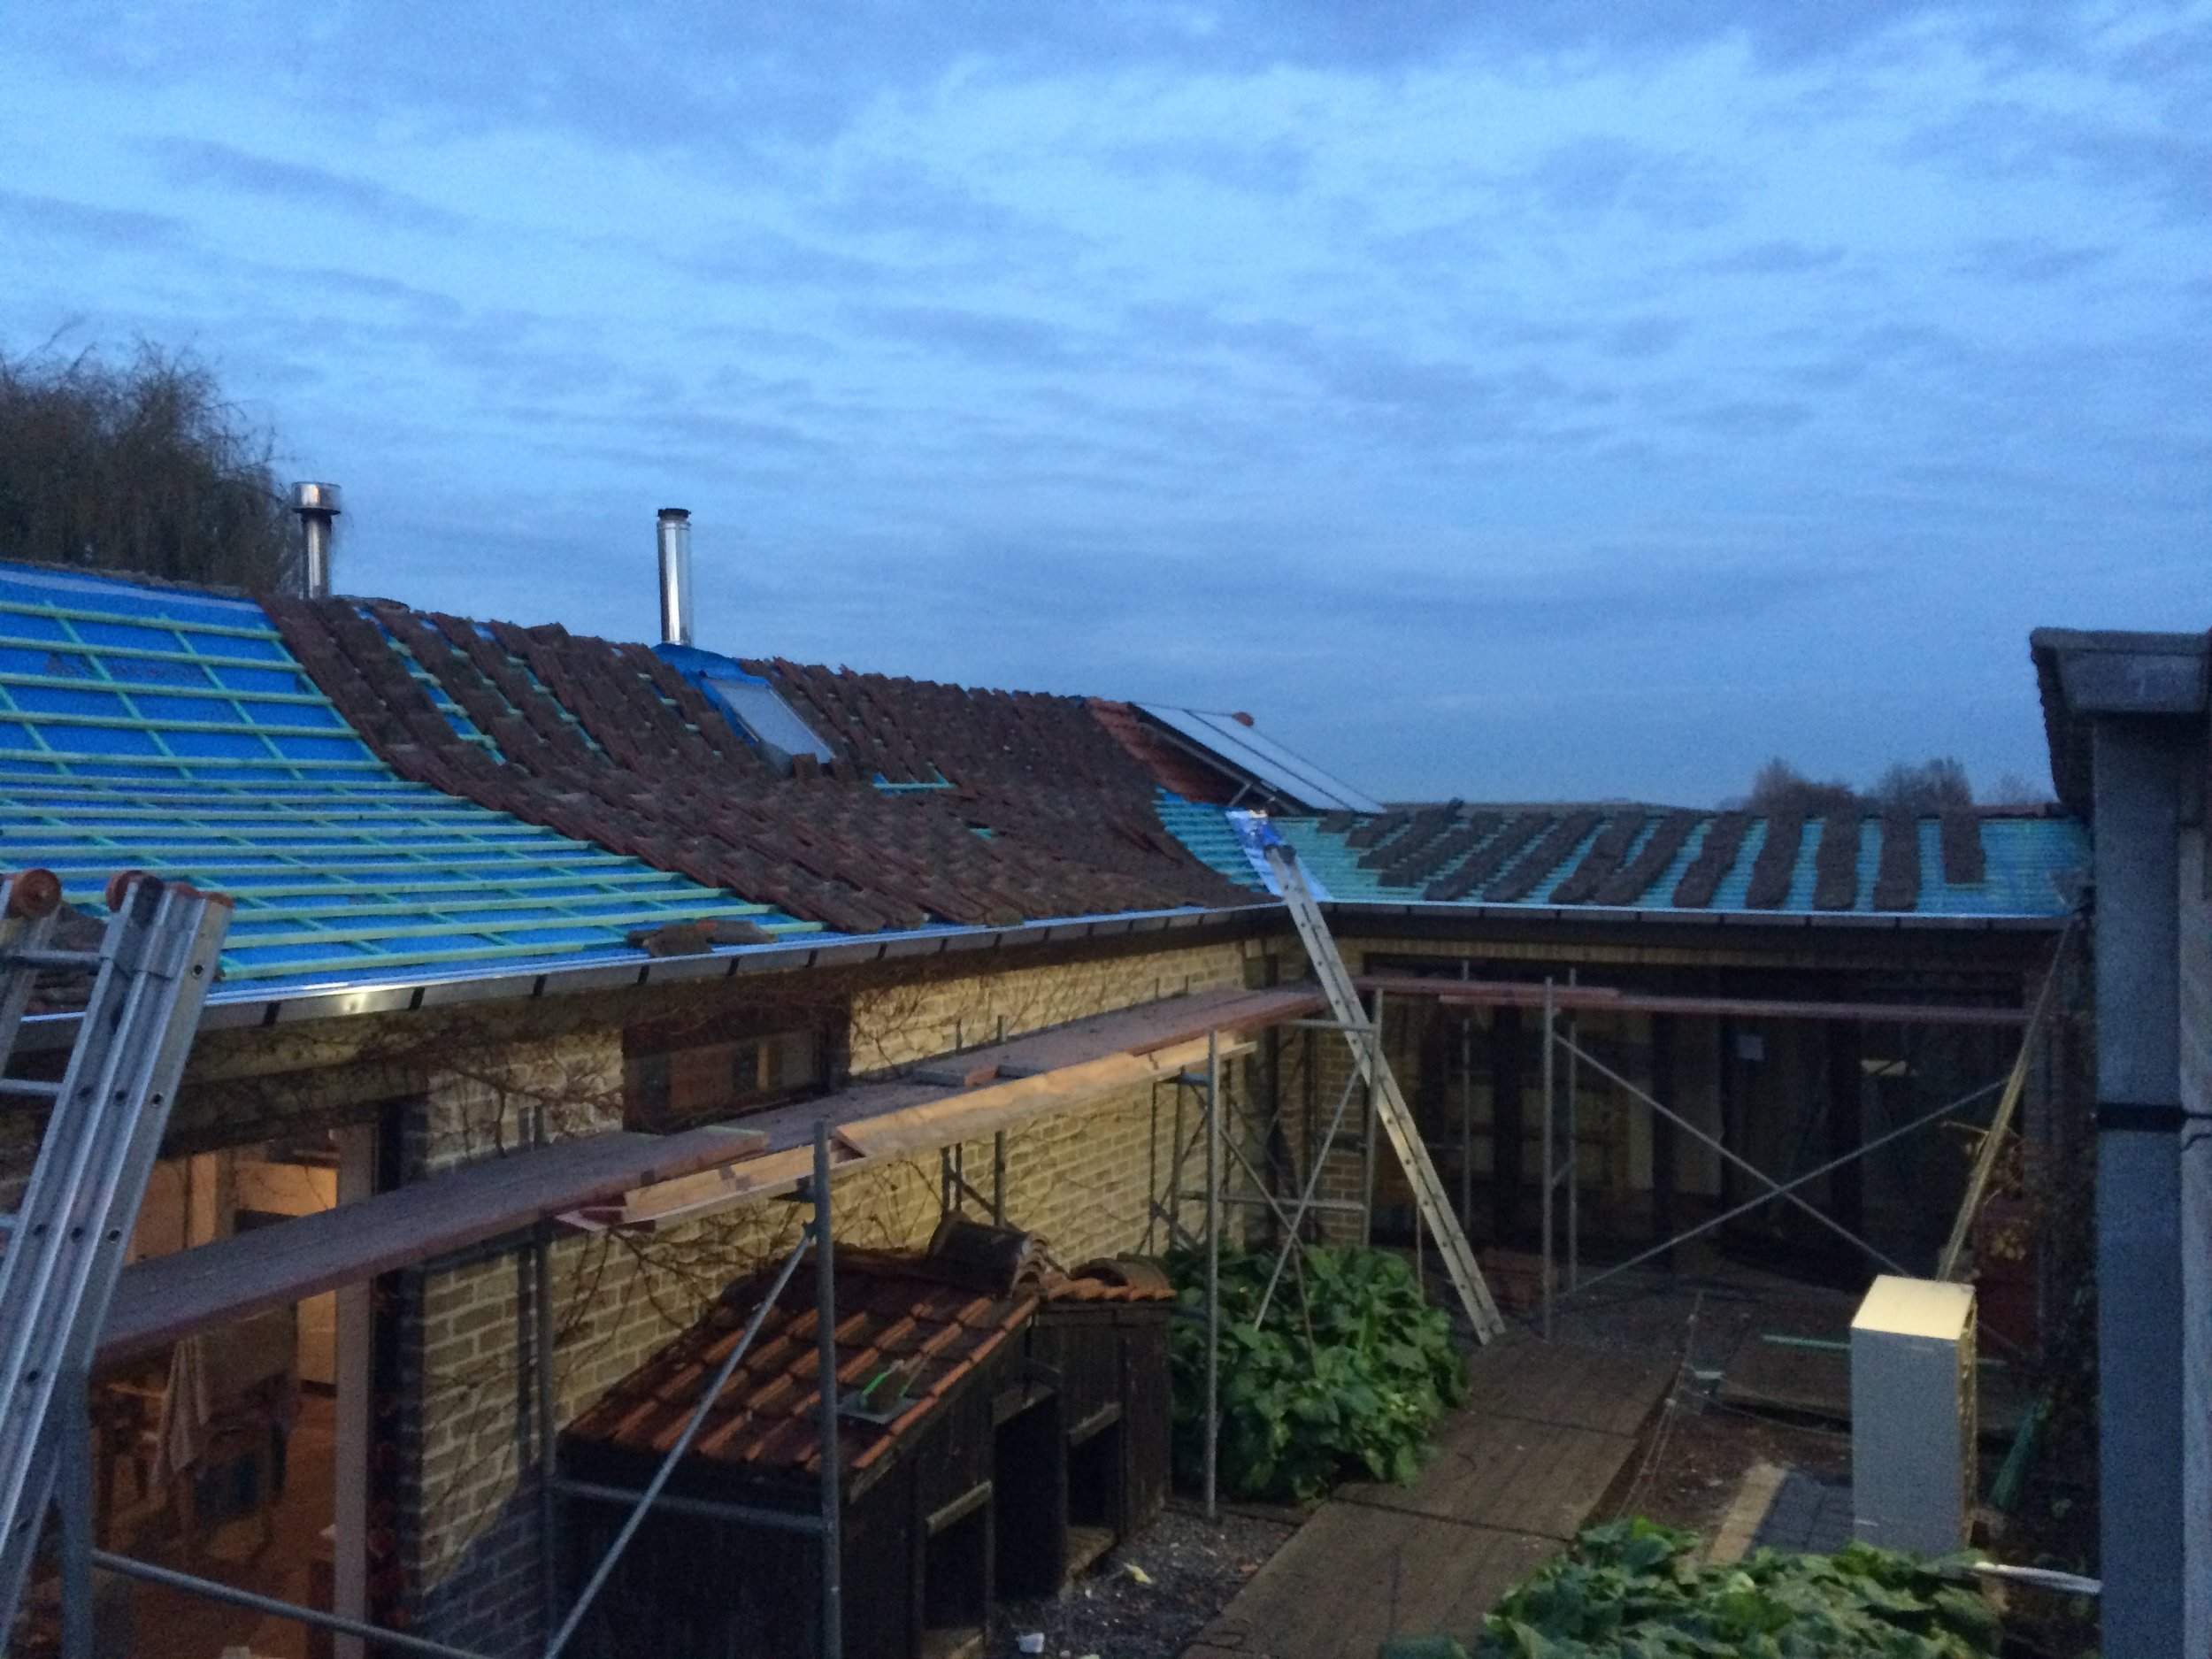 Vernieuwen dak Izegem.jpg